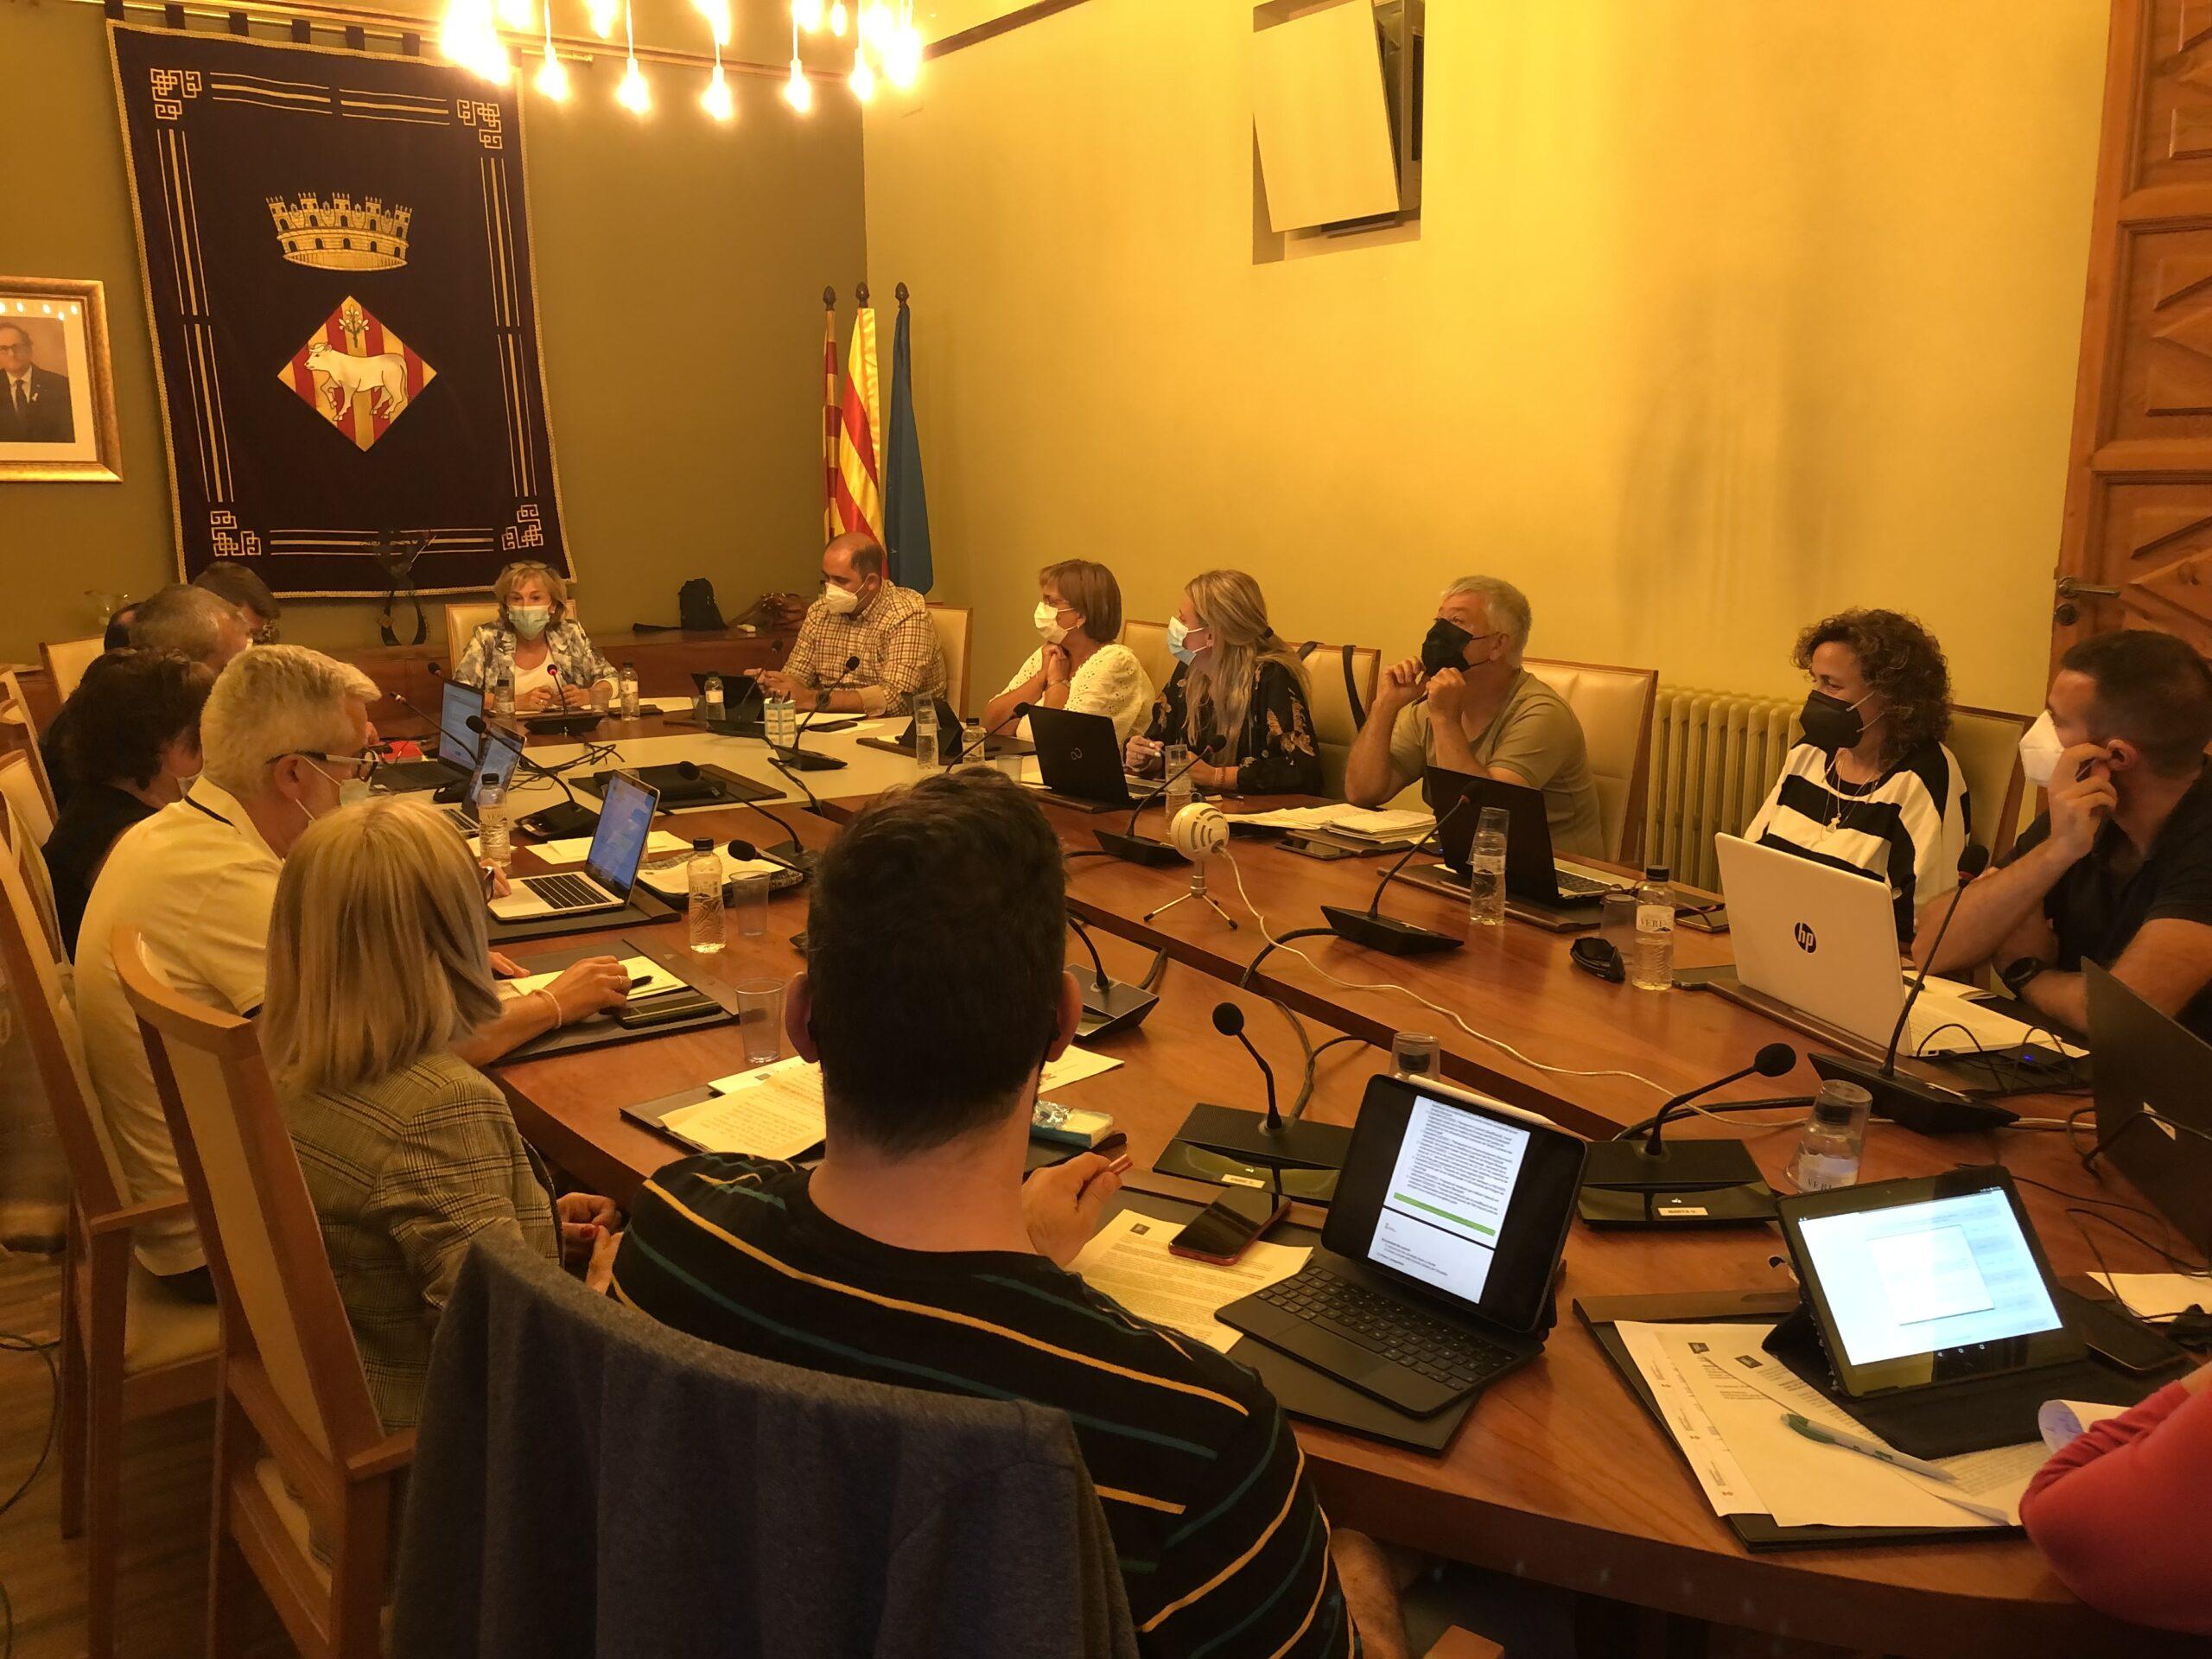 El Ple de les Borges aprova el pla especial de la Masia Salat i el pla d'ordenació urbanística de la Cooperativa de Sant Isidre